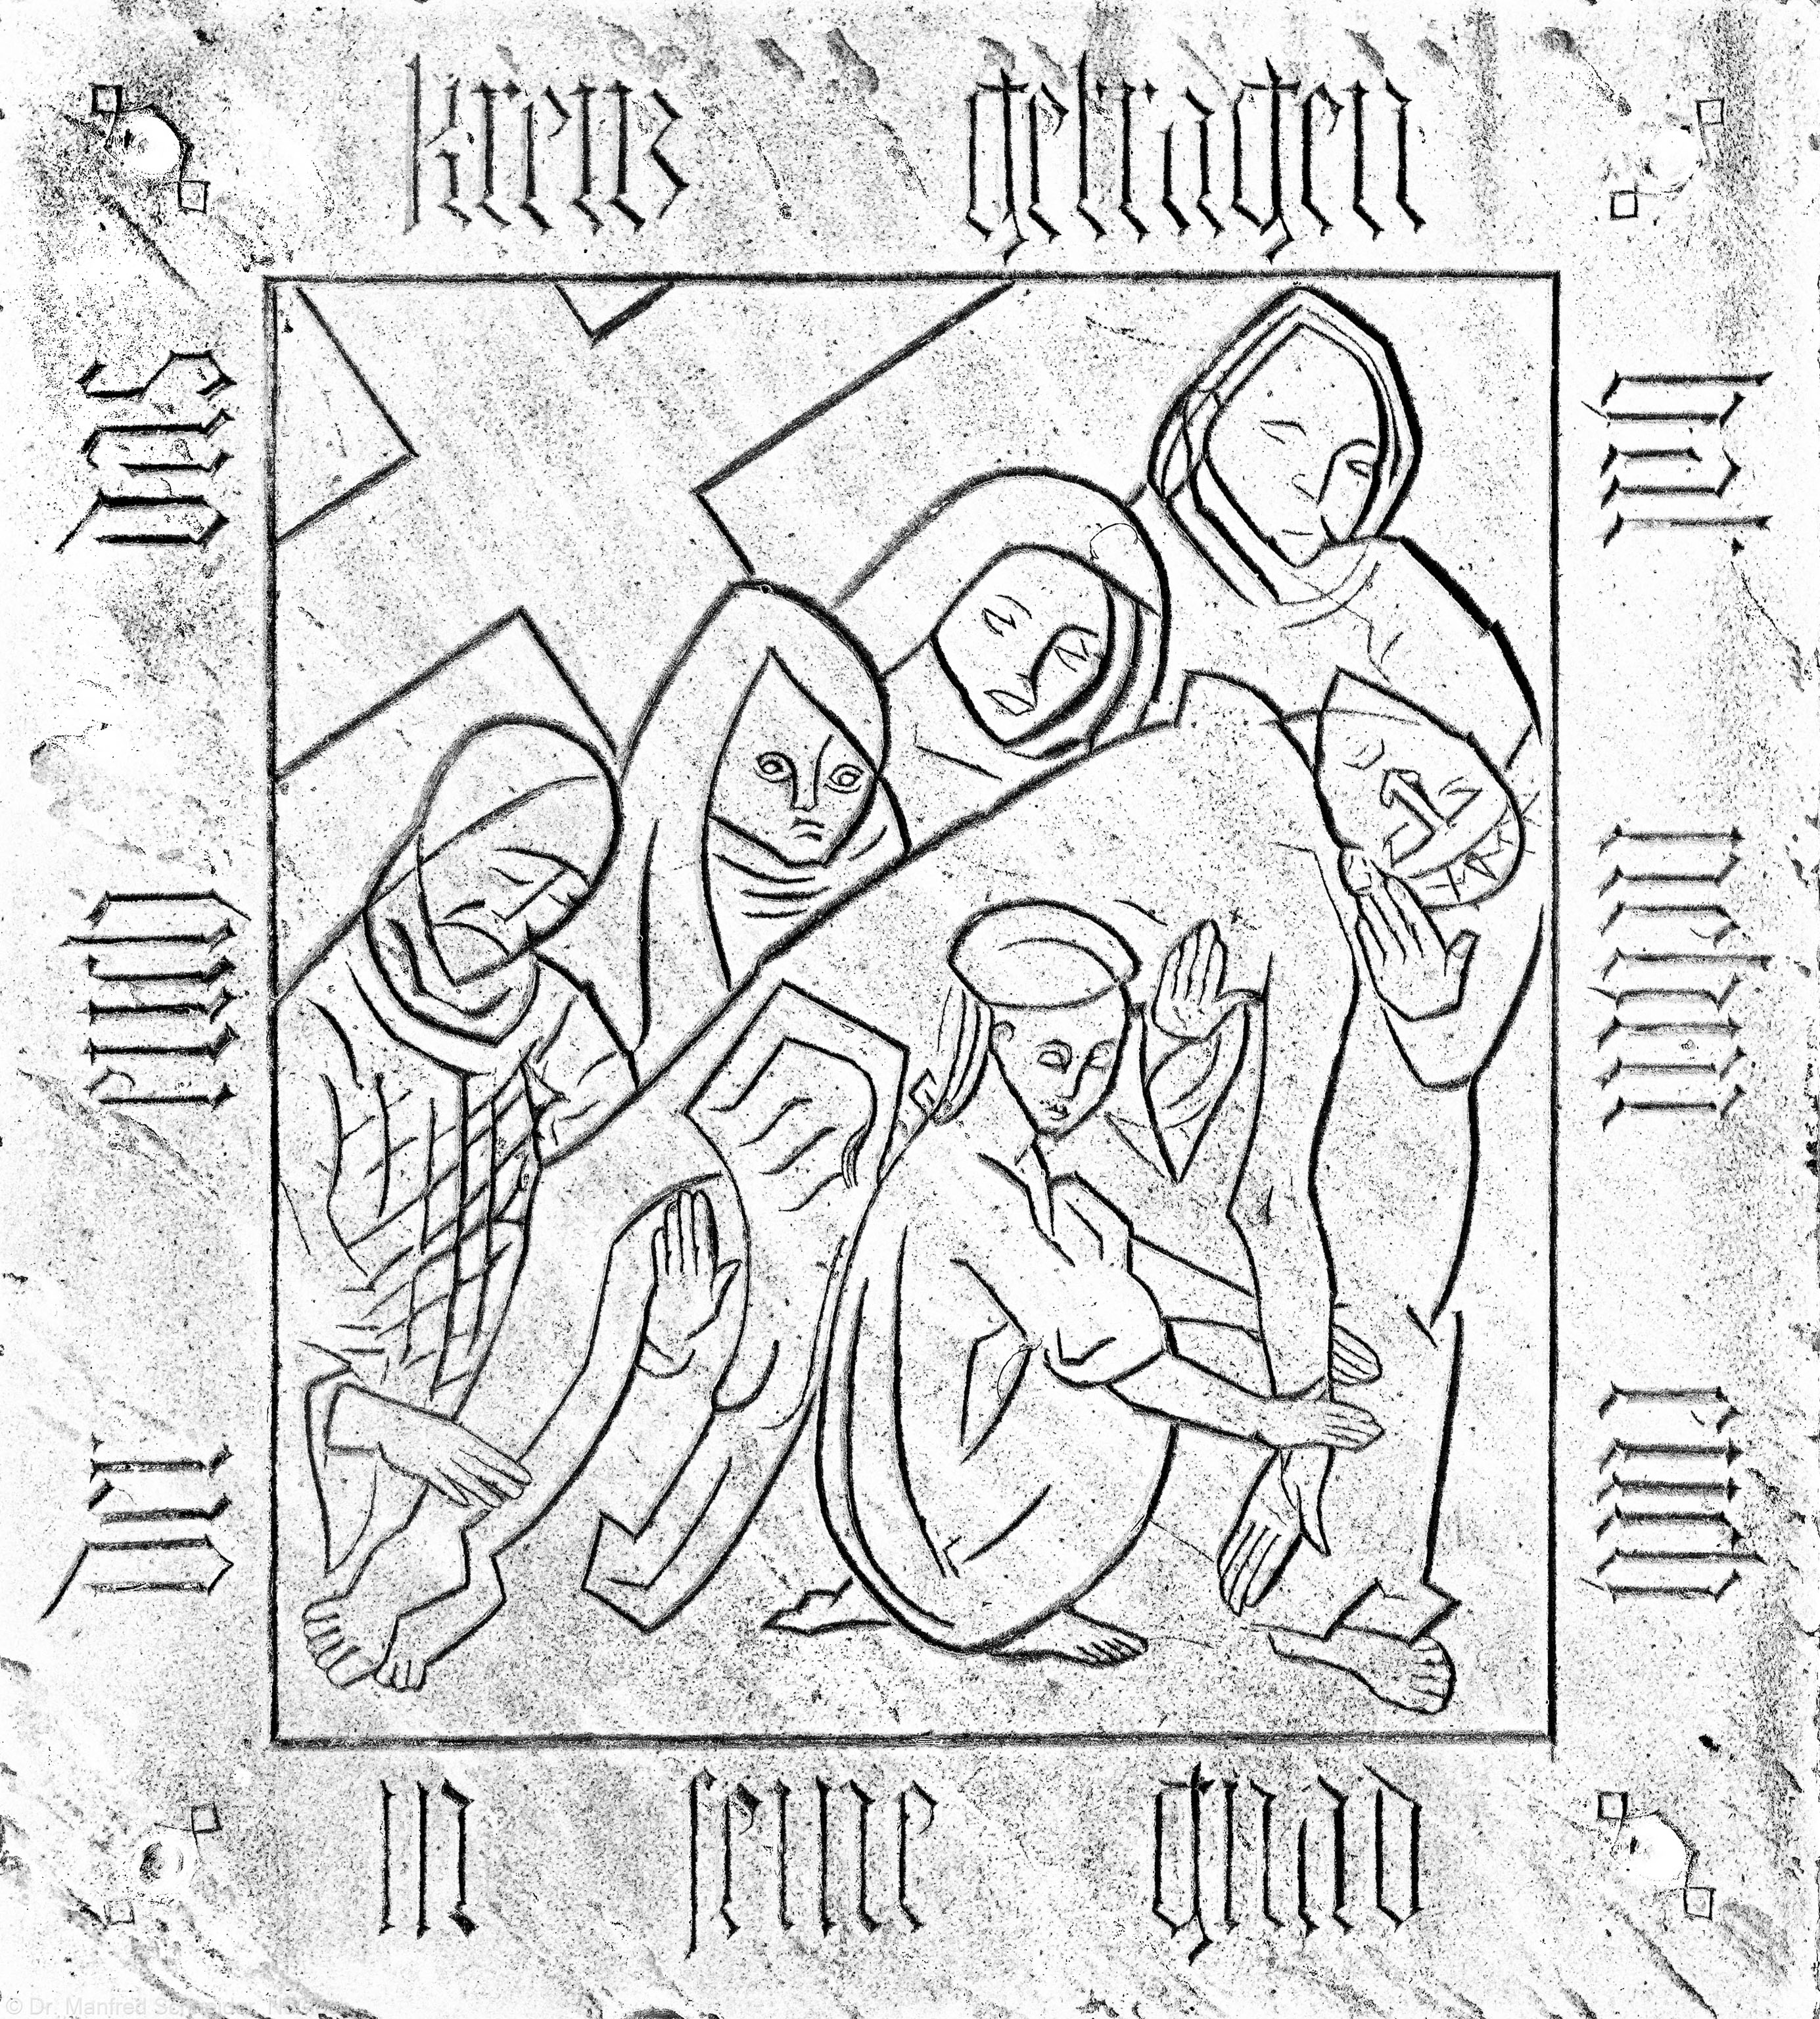 """Heidelberg - Heiliggeistkirche - Chor - Grabplatte (""""Der euch das Kreuz getragen hat nehm euch in seine Gnad""""), östlich des Altars, im Boden eingelegt (aufgenommen im November 2013, am frühen Nachmittag)"""